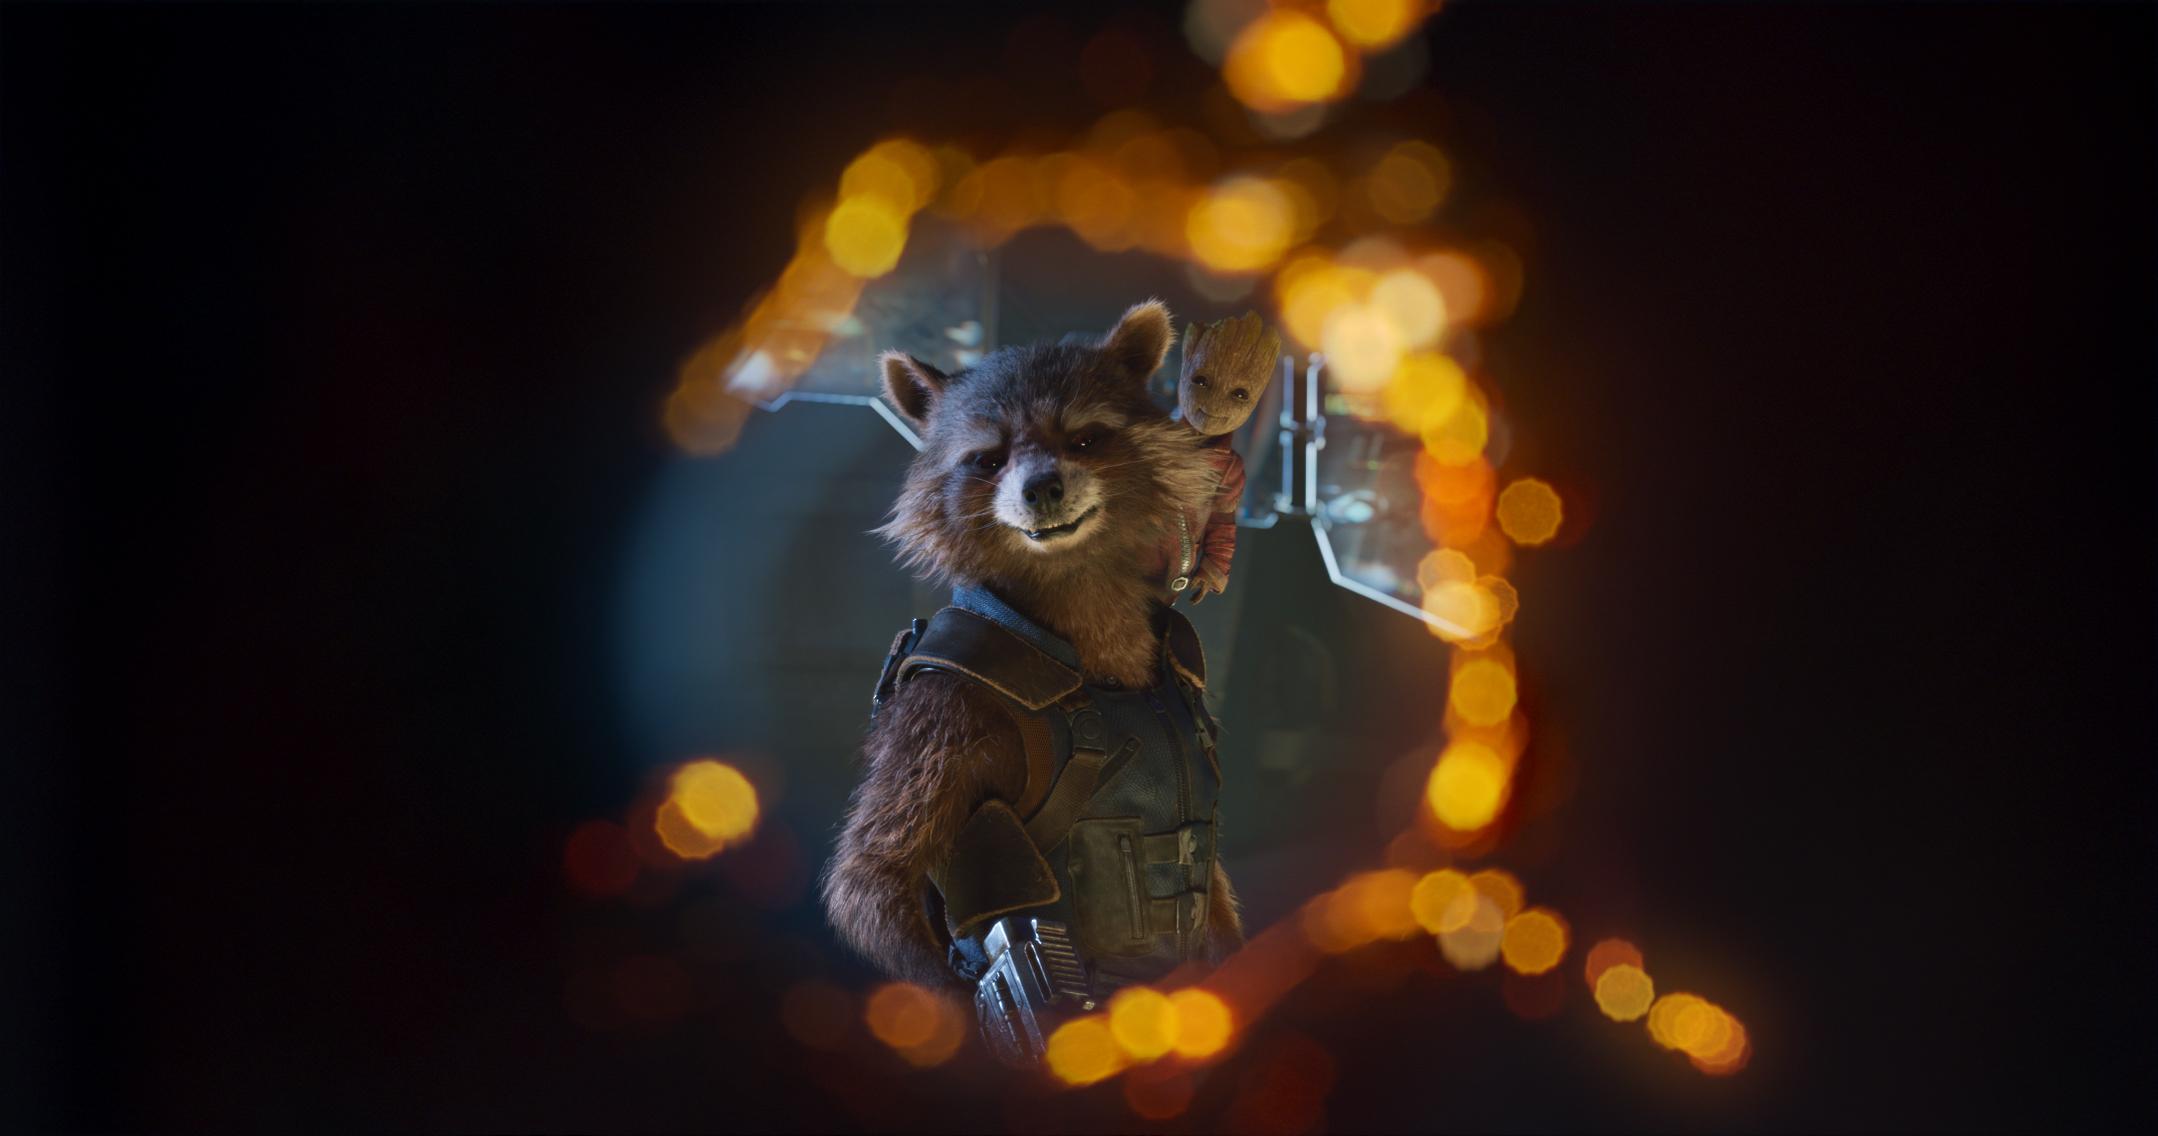 Der Nicht-Waschbär Rocket und Baby Groot, der eigentliche Star des FilmsFoto: Marvel Studios 2017